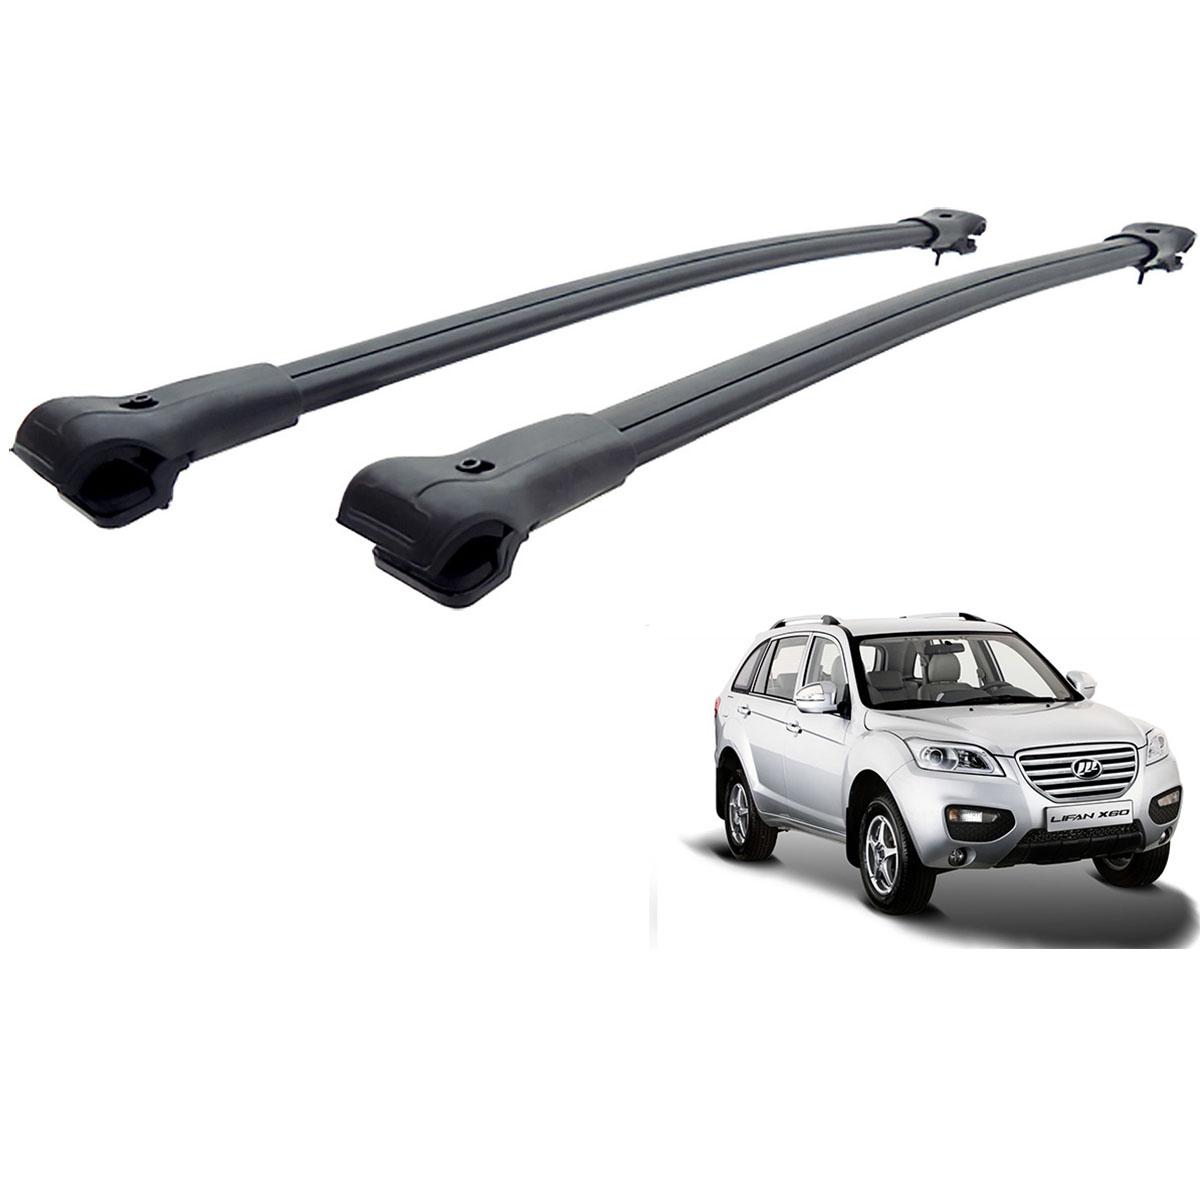 Travessa rack de teto larga preta alumínio Lifan X60 2013 a 2016